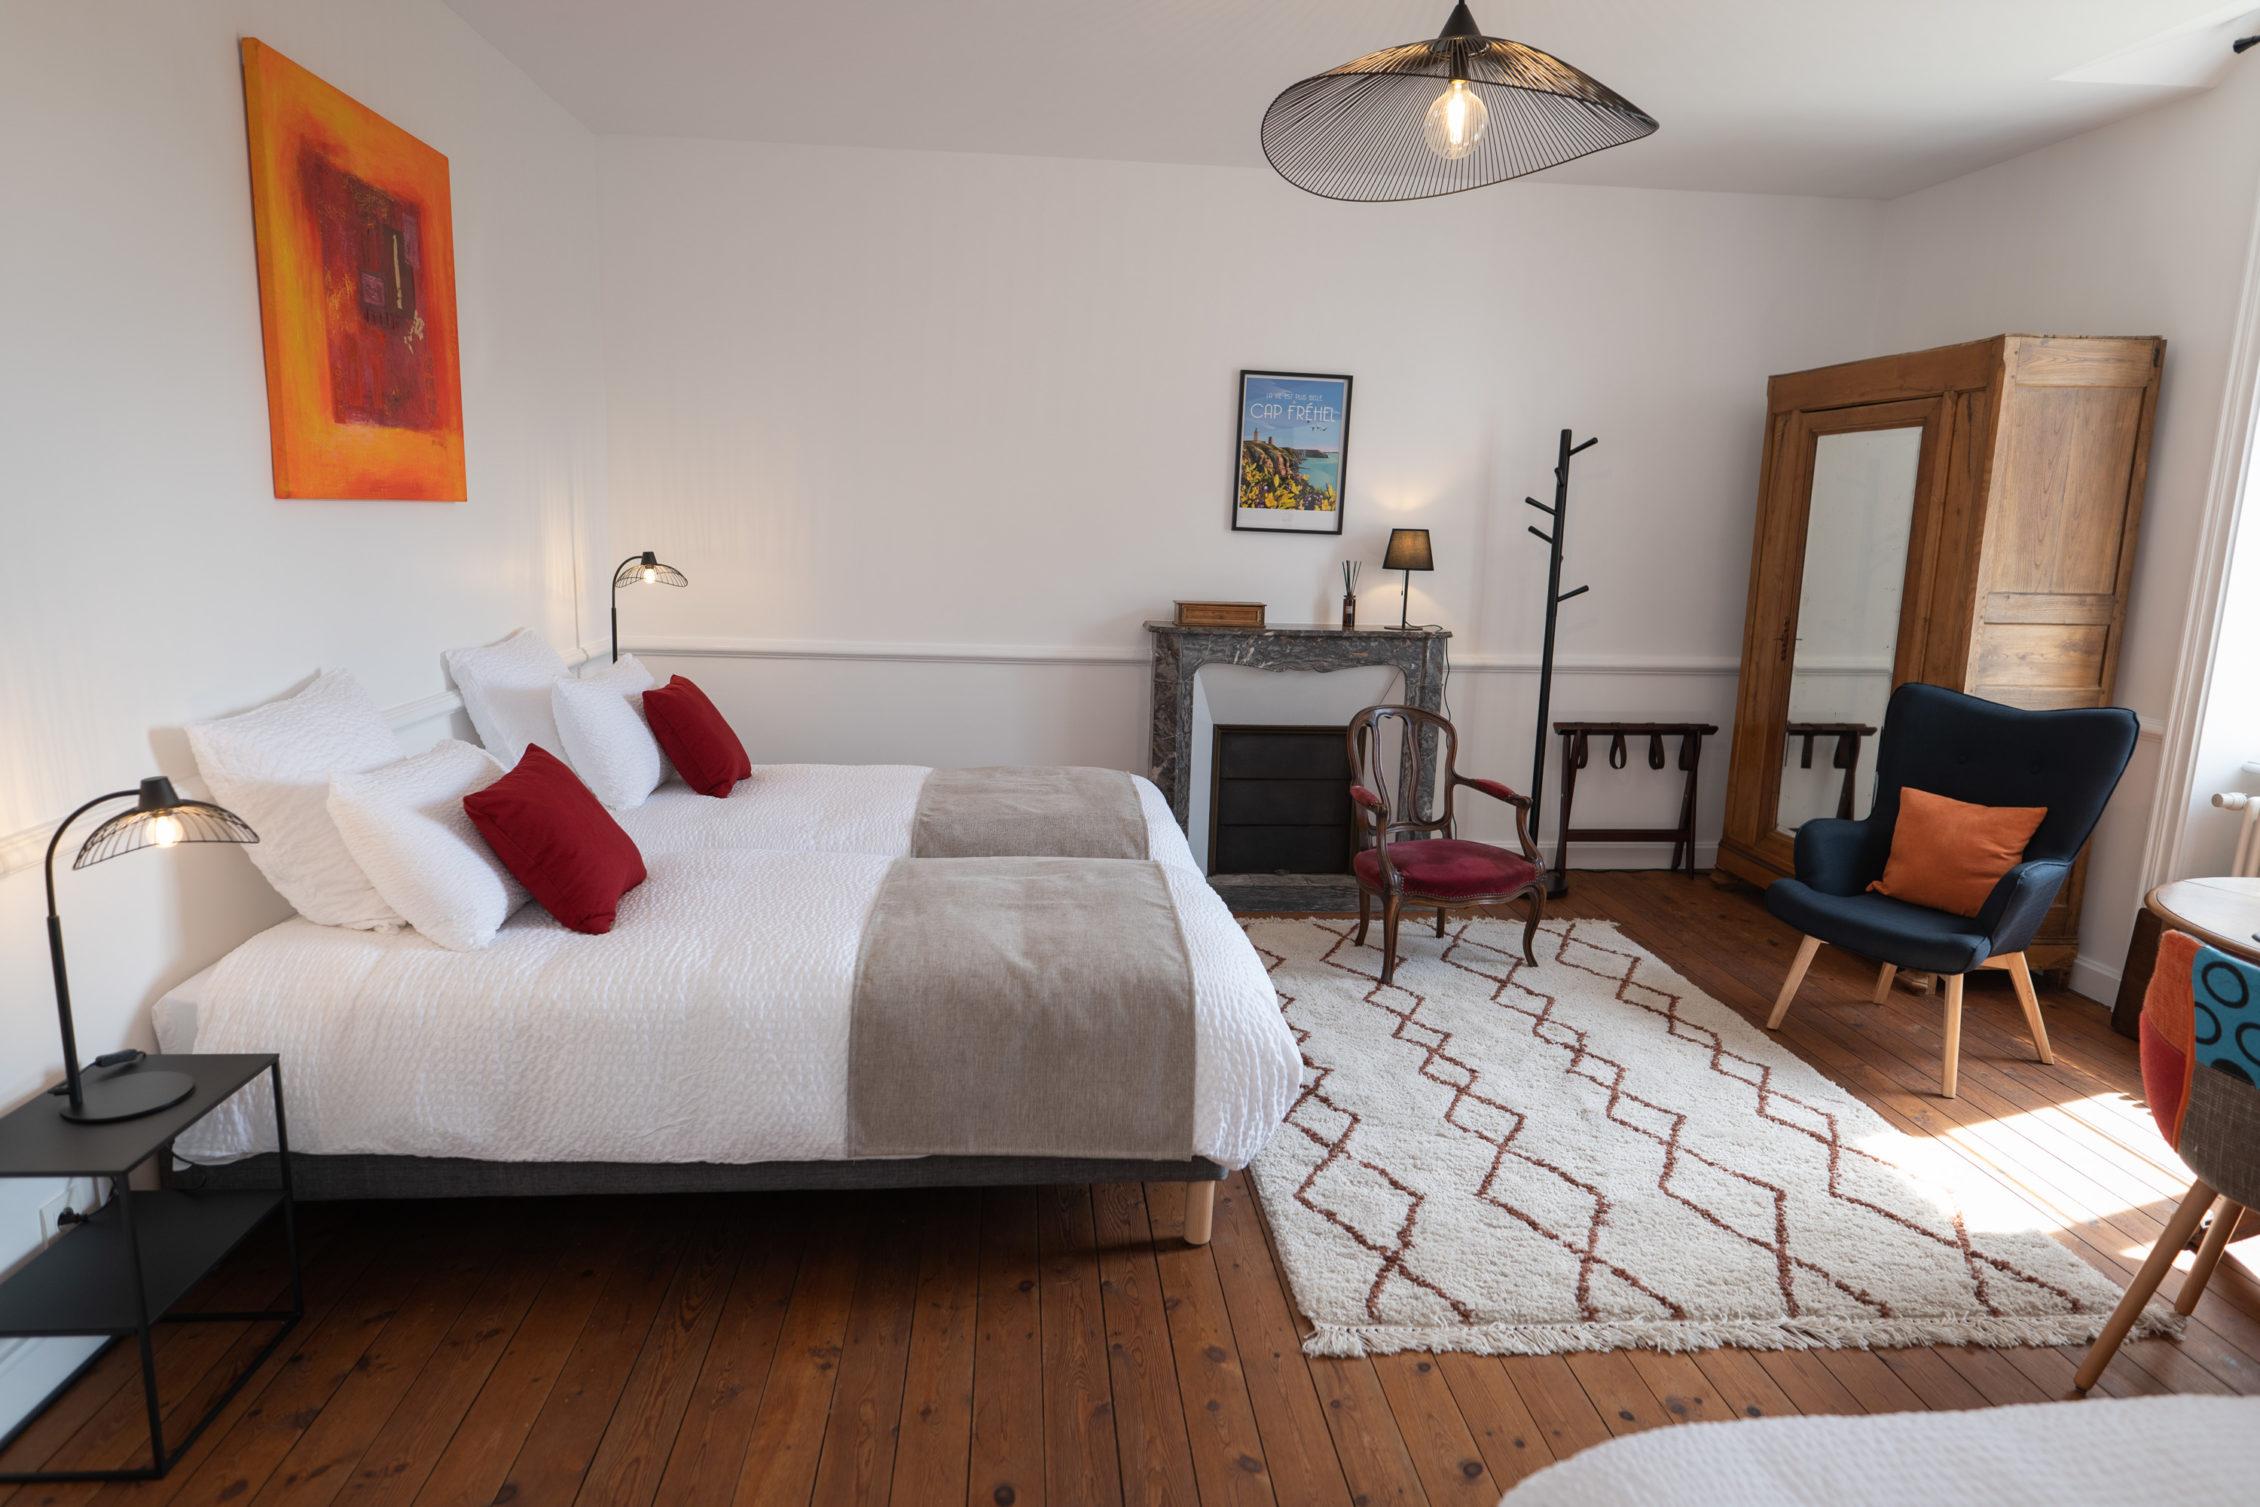 chambre Carpinus, Kerléon chambres d'hôtes et gîte au Cap Fréhel